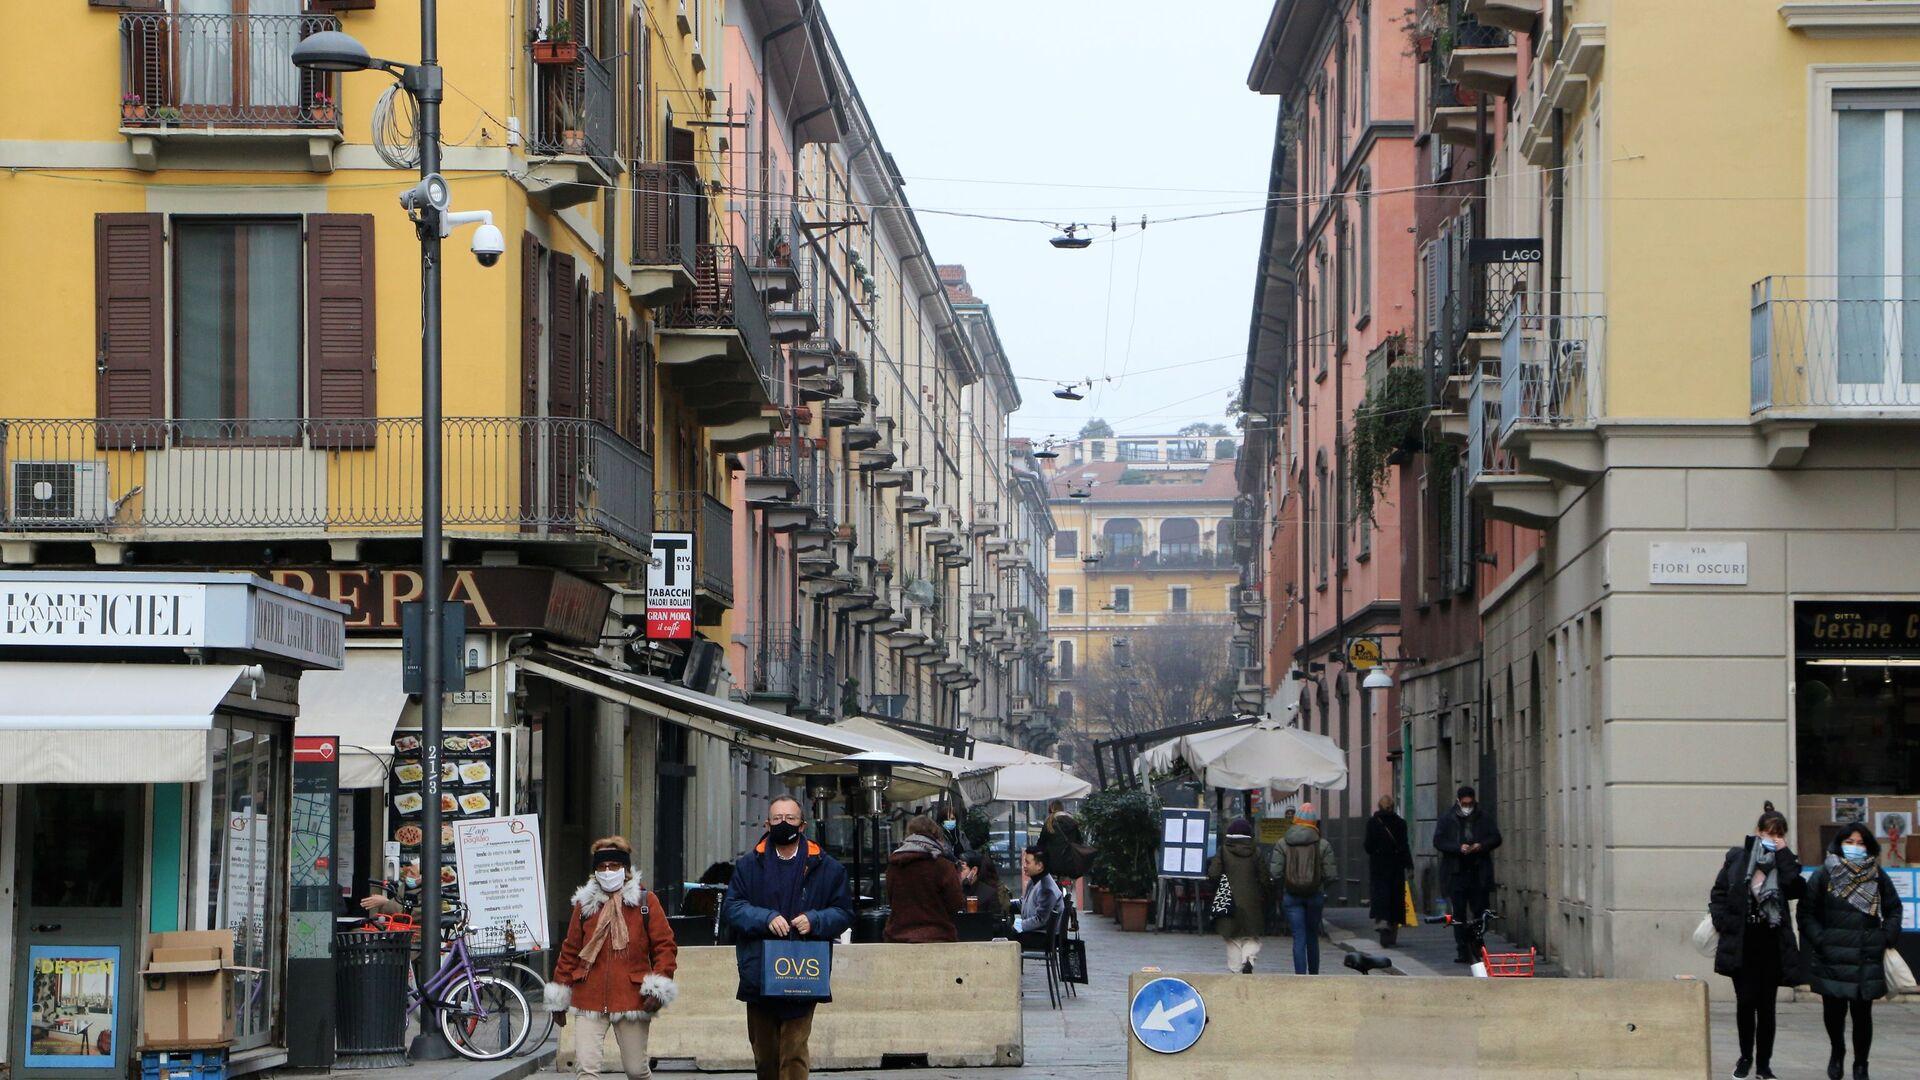 Le persone a Milano durante la pandemia del coronavirus, Italia - Sputnik Italia, 1920, 03.03.2021